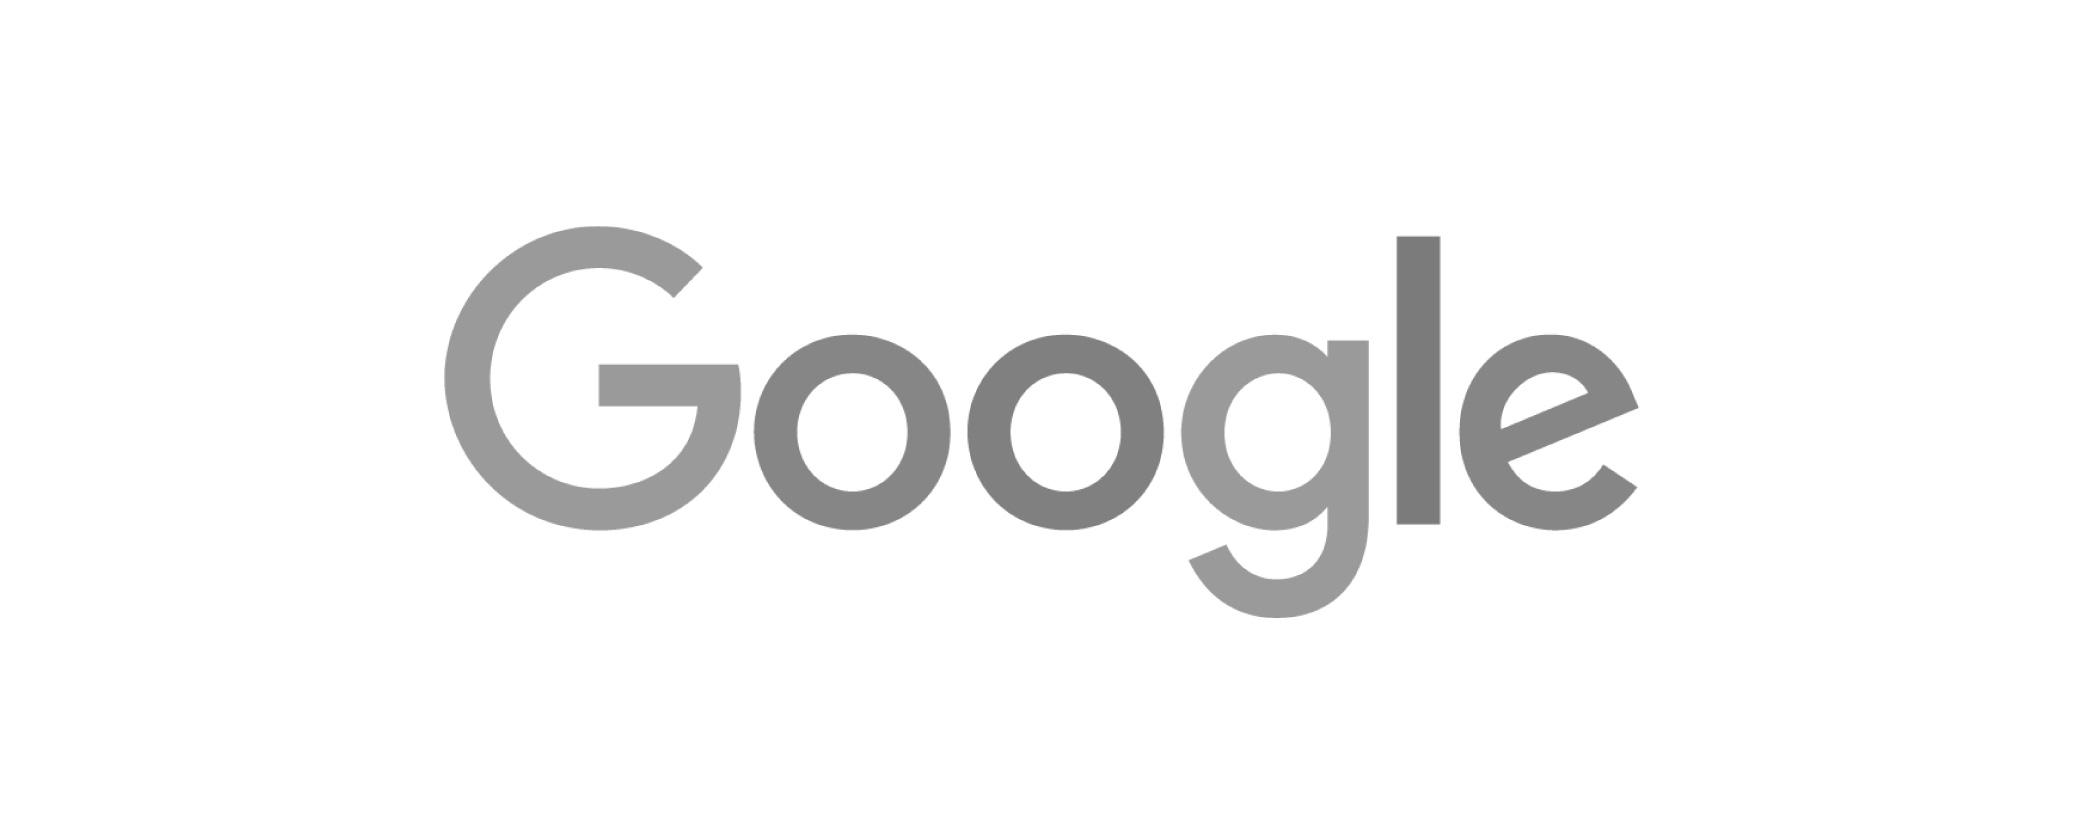 Google Grey 500 x 200-01.jpg